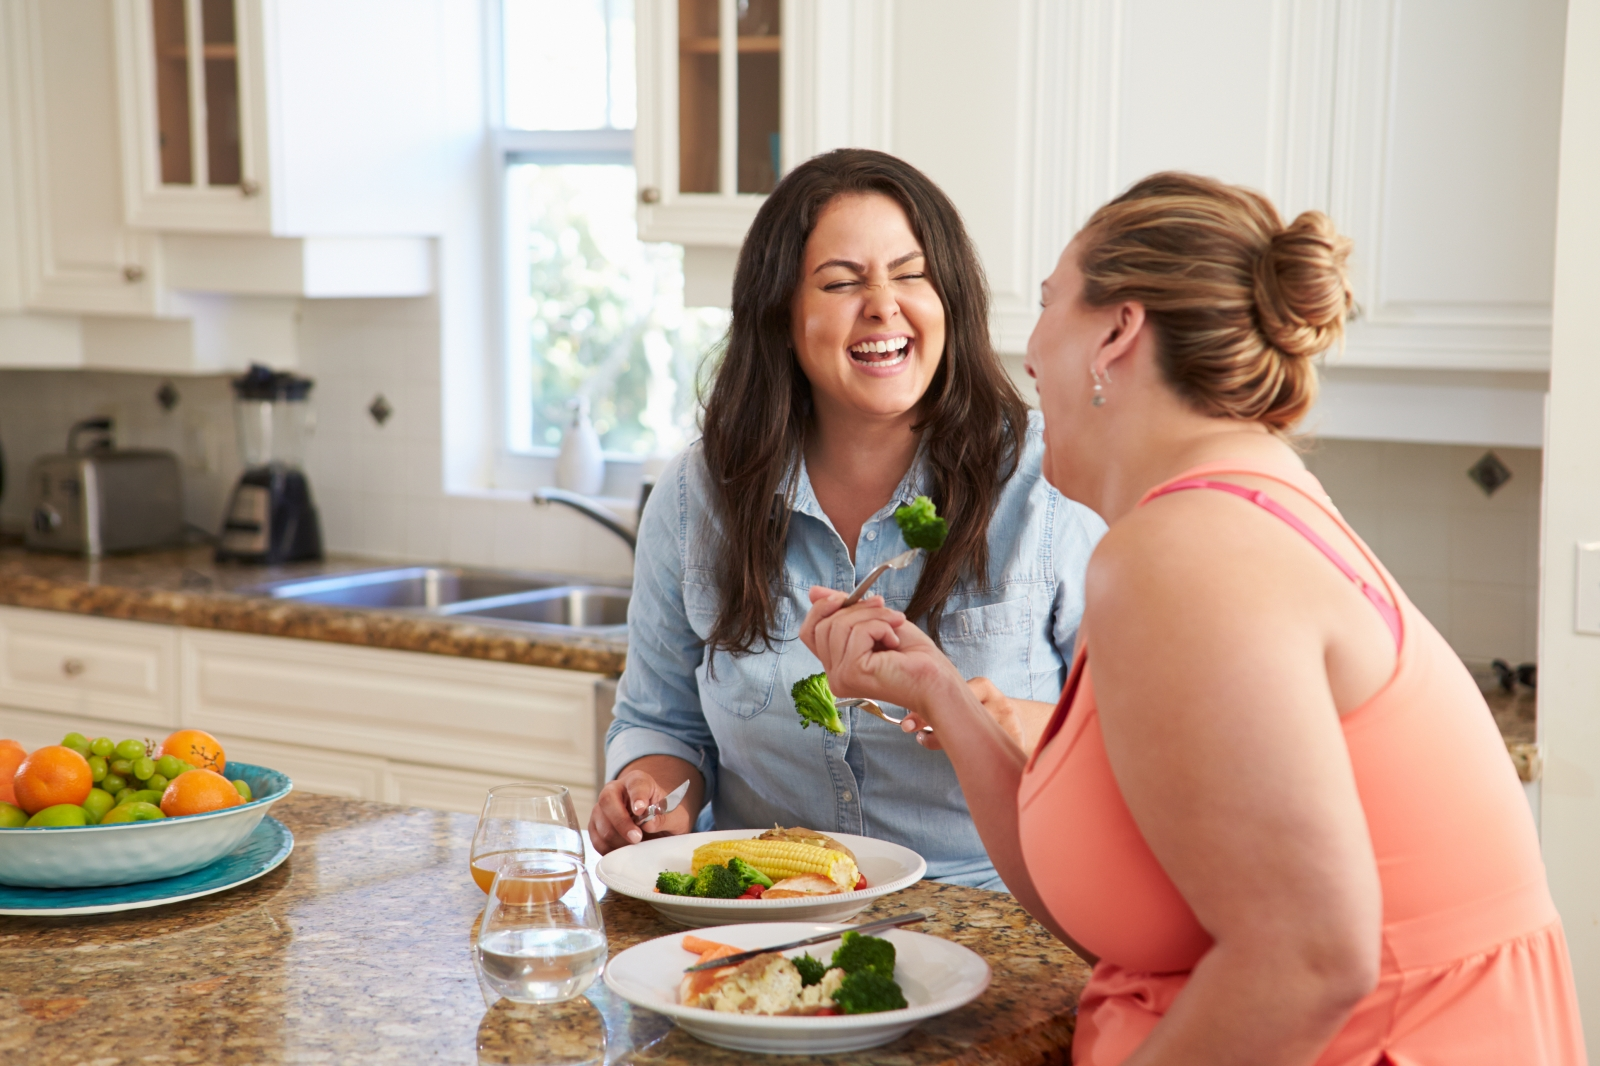 Причины лишнего веса, как не набрать лишний вес, сбросить или избавиться от лишнего веса в домашних условиях